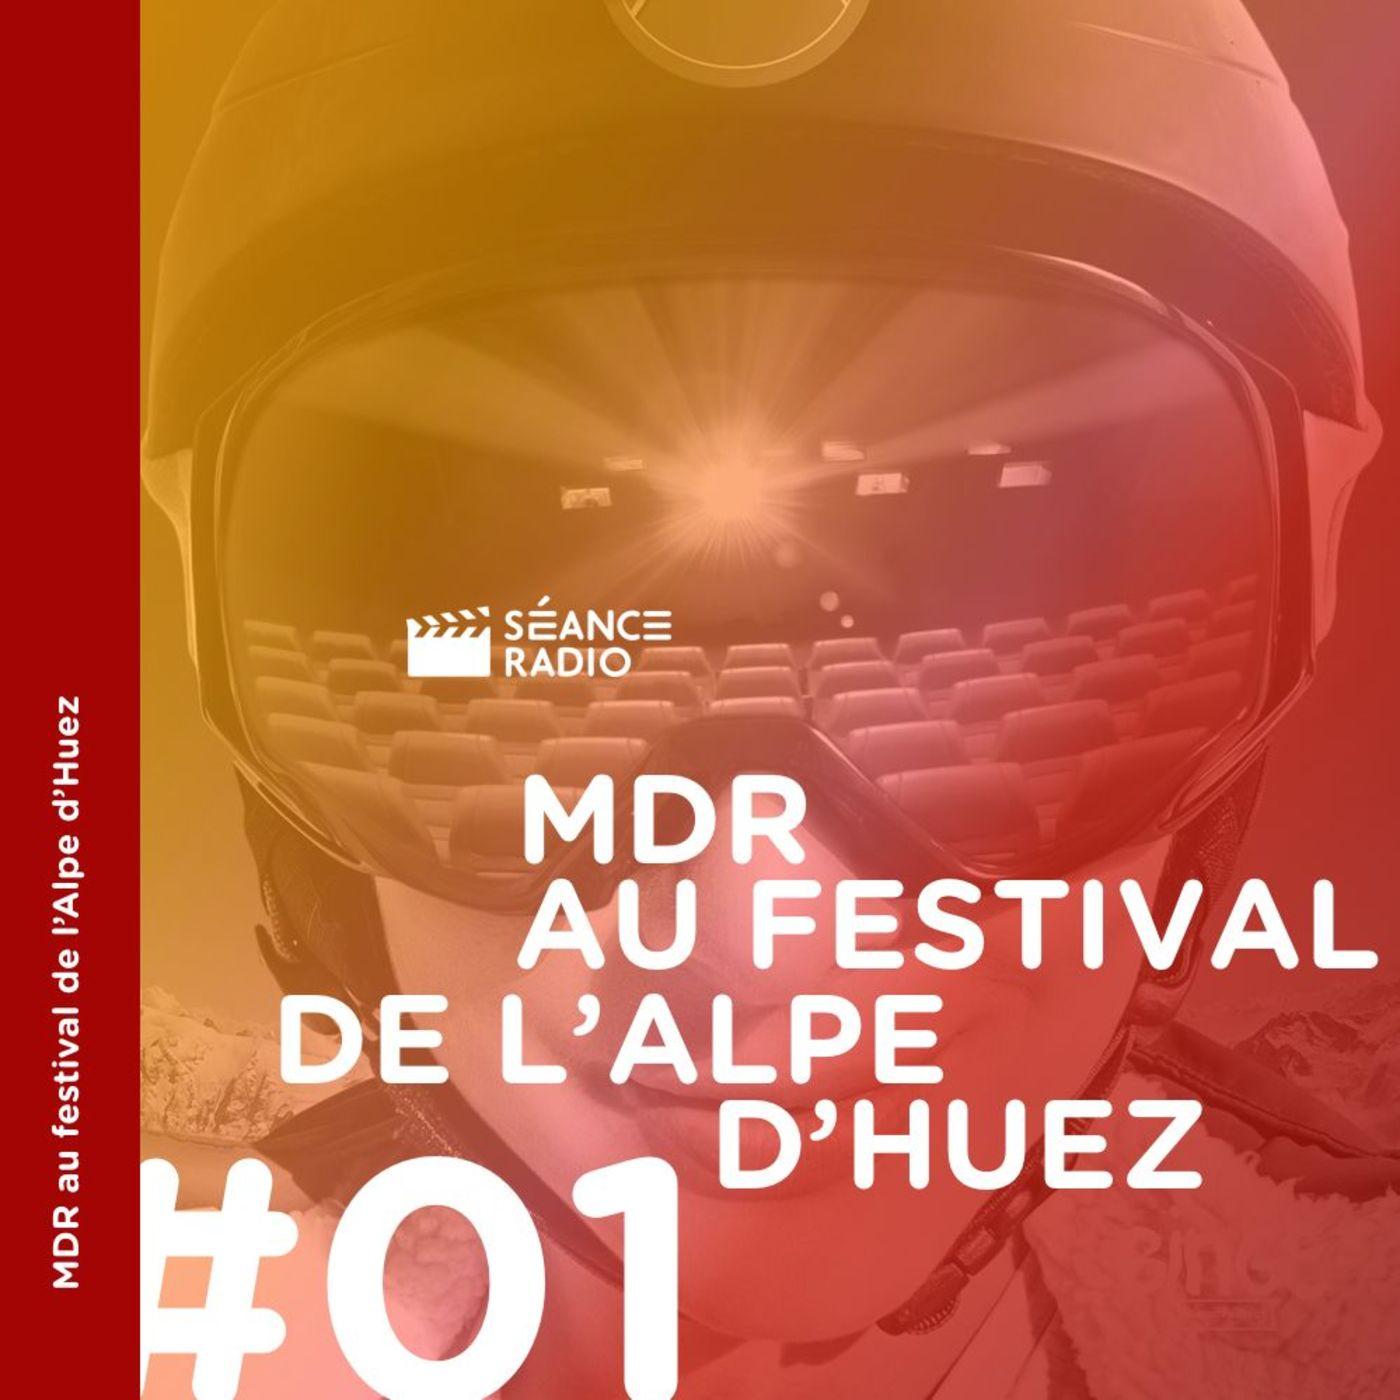 MDR au festival de l'Alpe d'Huez (1/4)